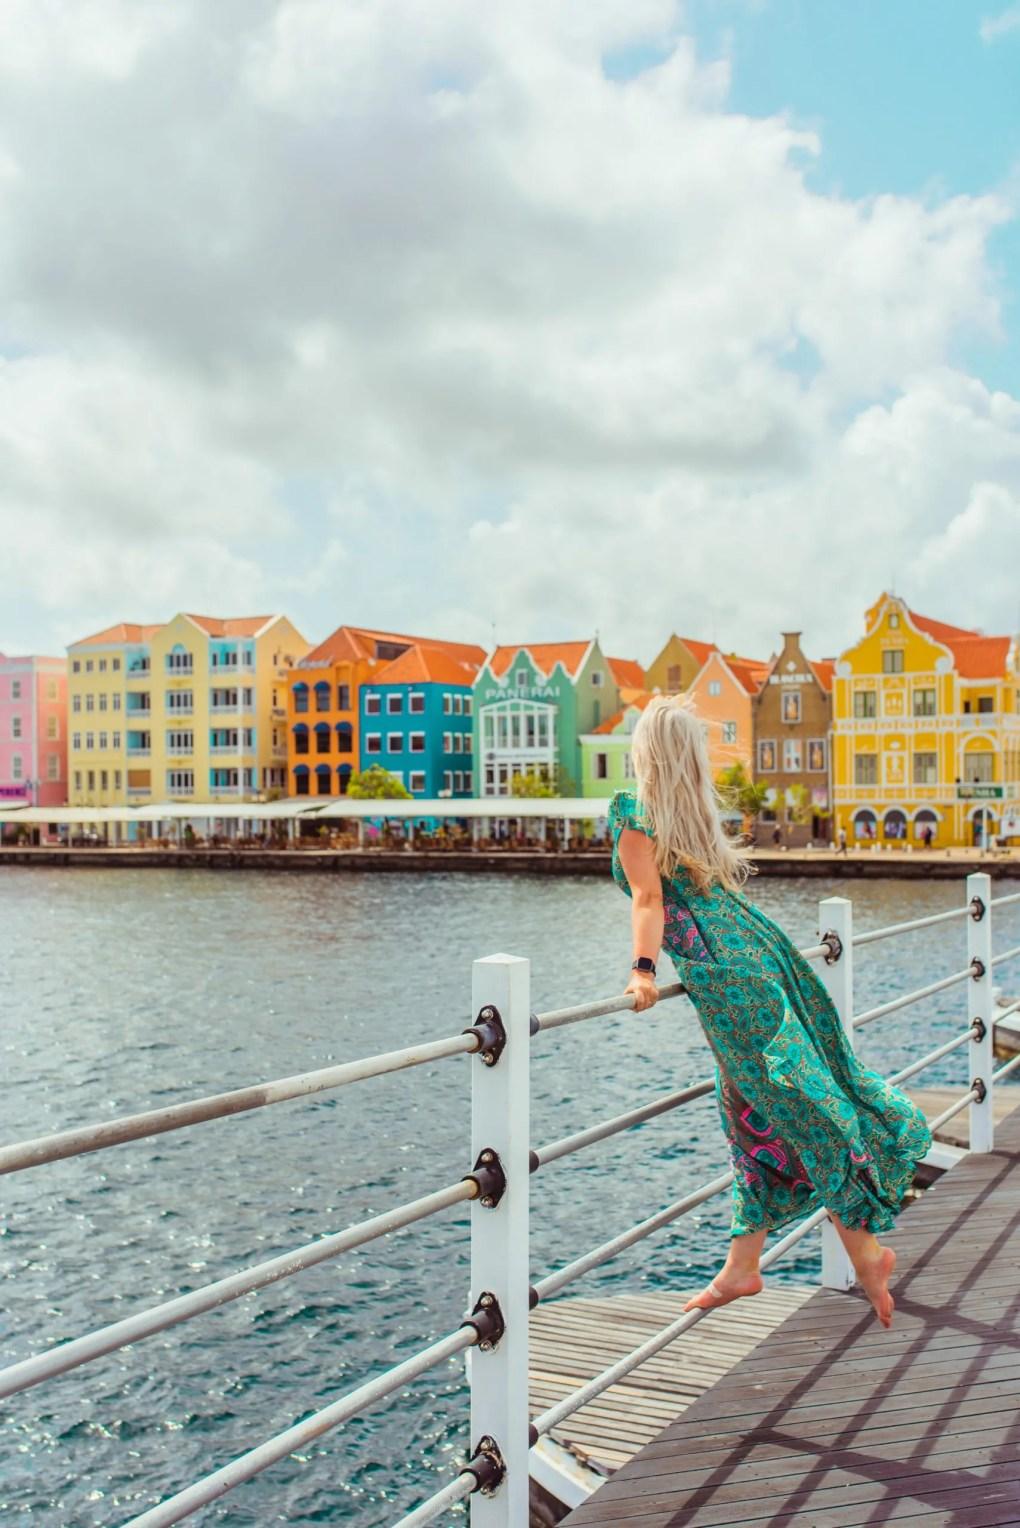 Queen Emma Bridge Willemstad Curacao